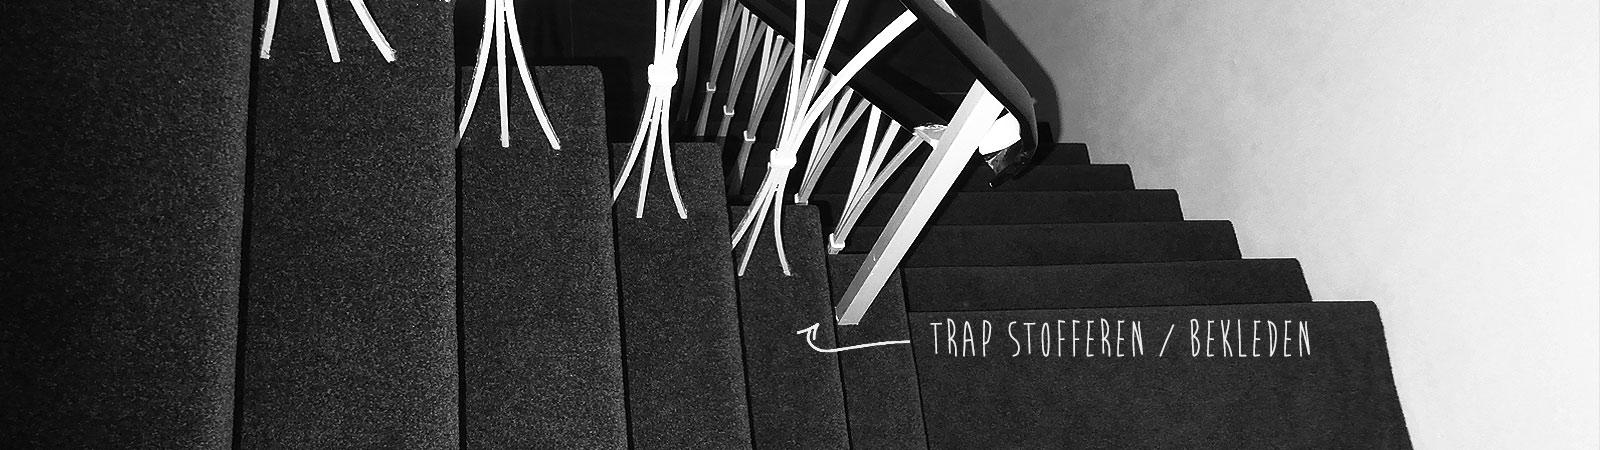 Trap stofferen met tapijt en ondertapijt door Brabant Tapijt uit Eindhoven